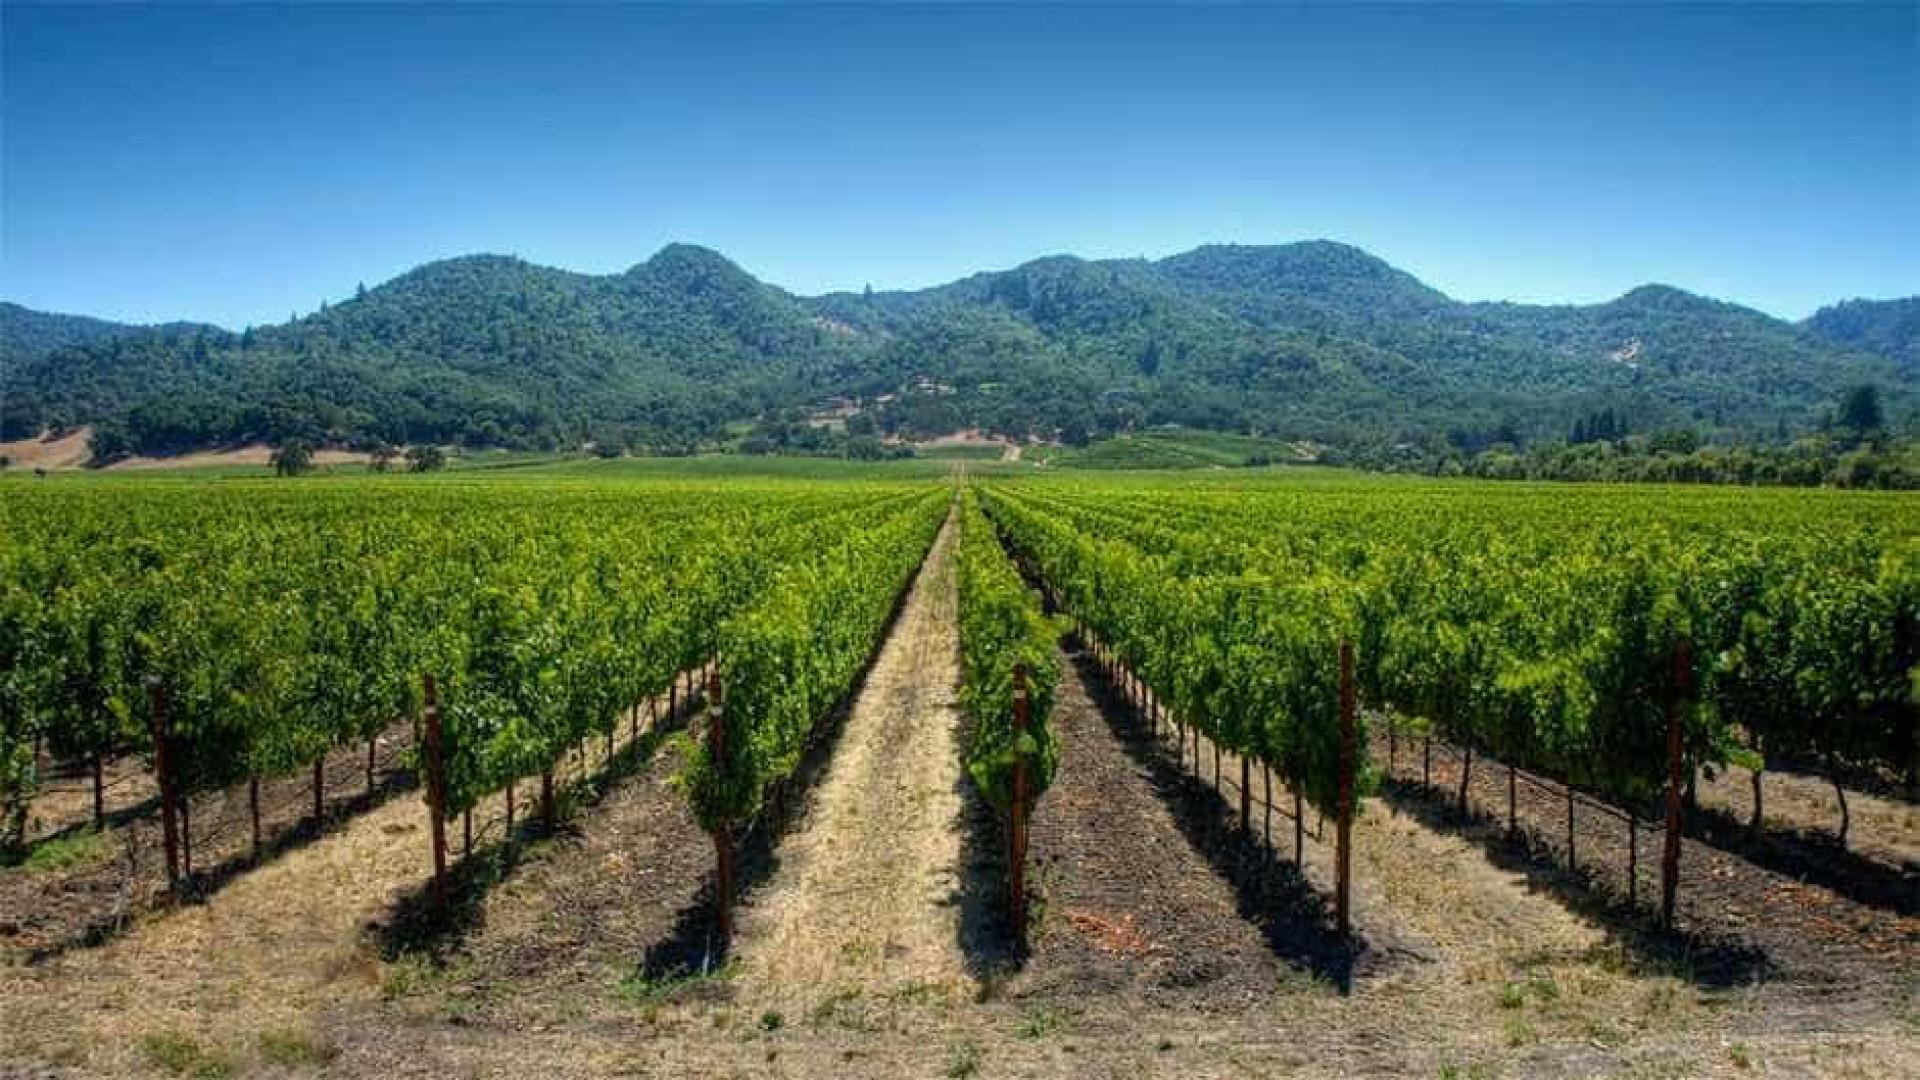 Brasil deve aumentar exportações de vinho e espumantes, diz ministro